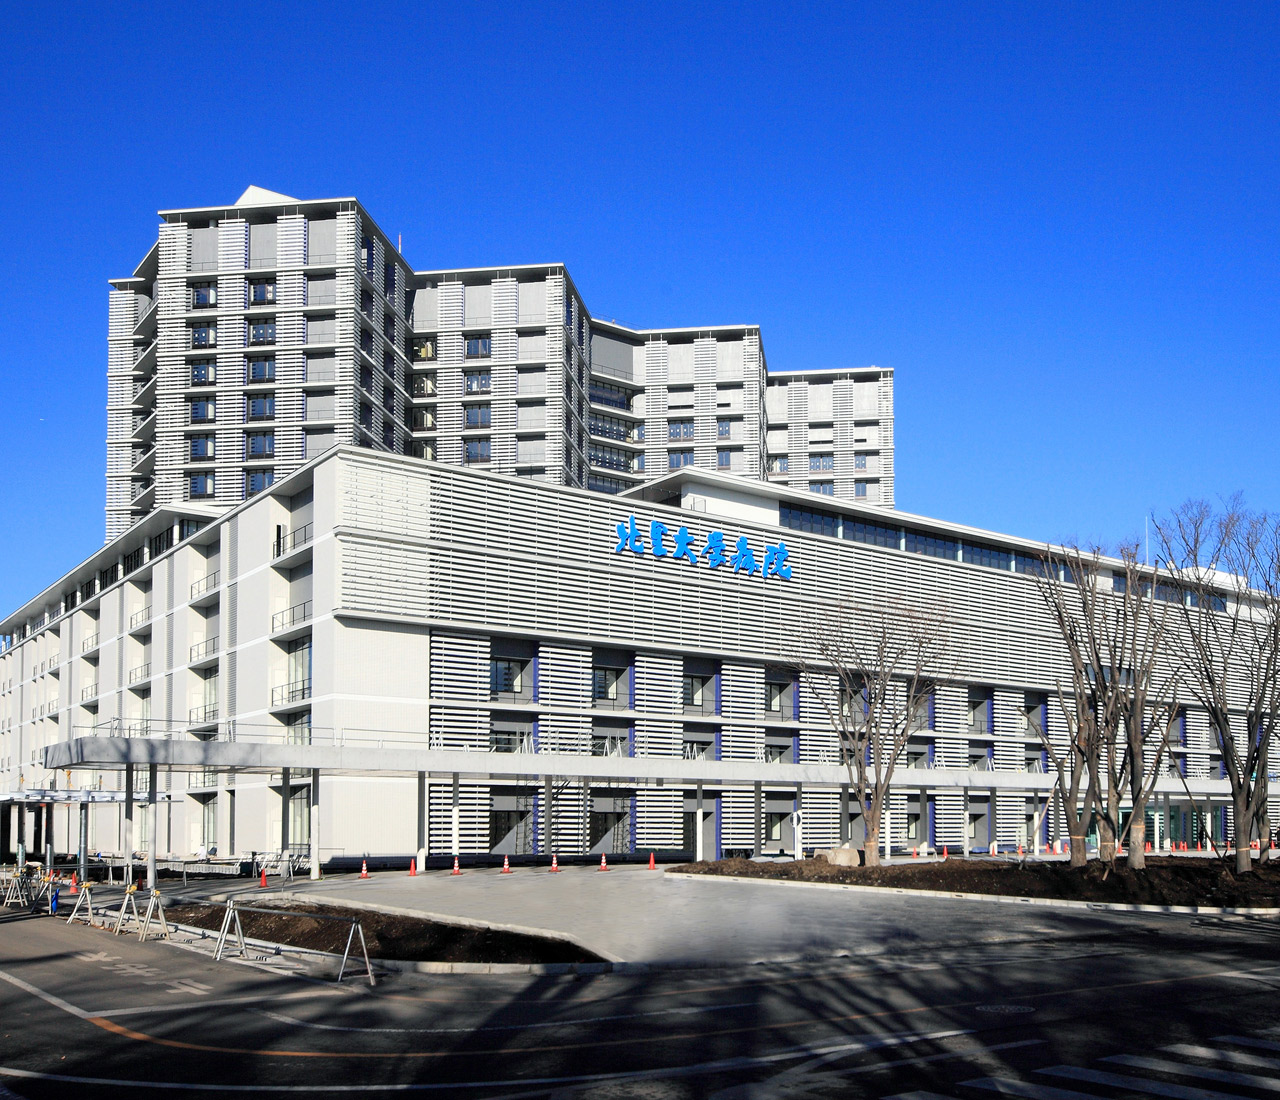 「北里大学病院(神奈川県相模原市南区北里1-15-1)」の画像検索結果